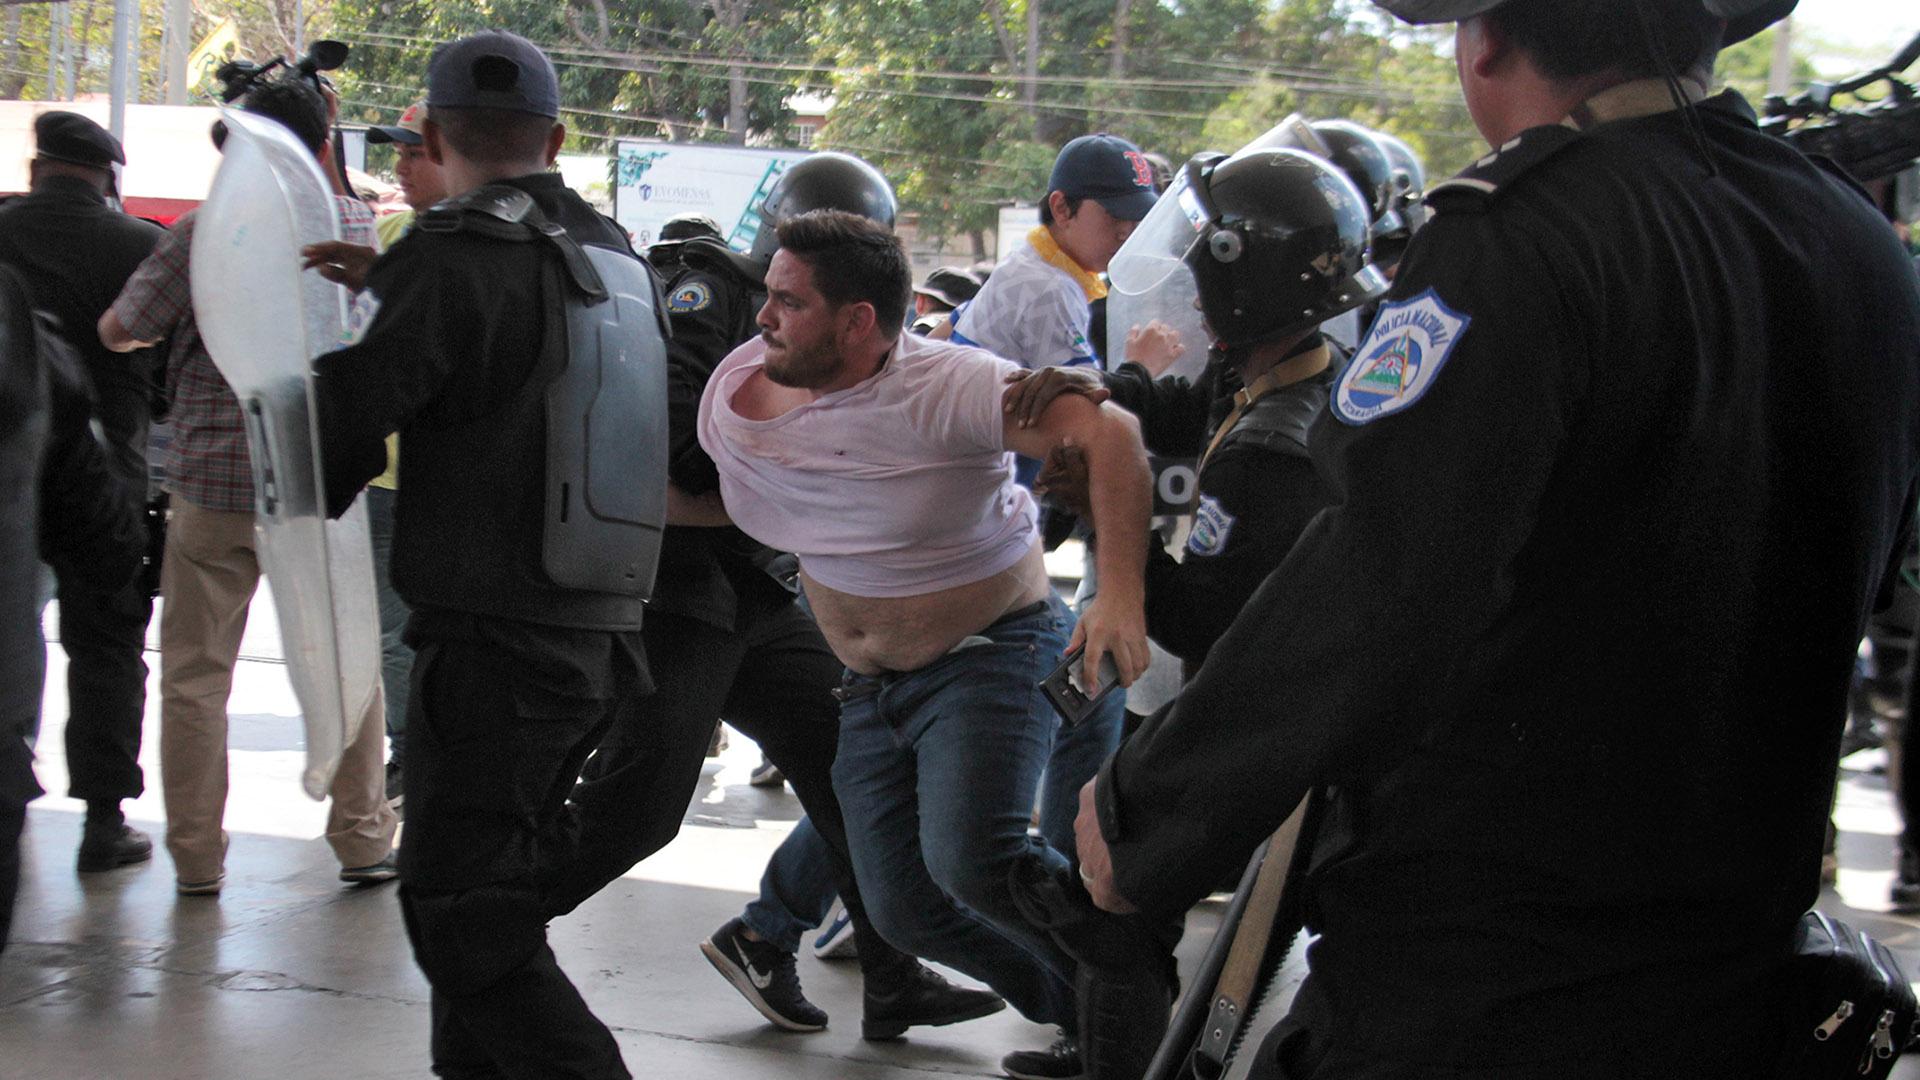 Un agente de la policía de Nicaragua forcejea con el fotógrafo de AFP Luis Sequeira en medio de las detenciones de dirigentes opositores este sábado en Managua (Photo by Maynor Valenzuela / AFP)